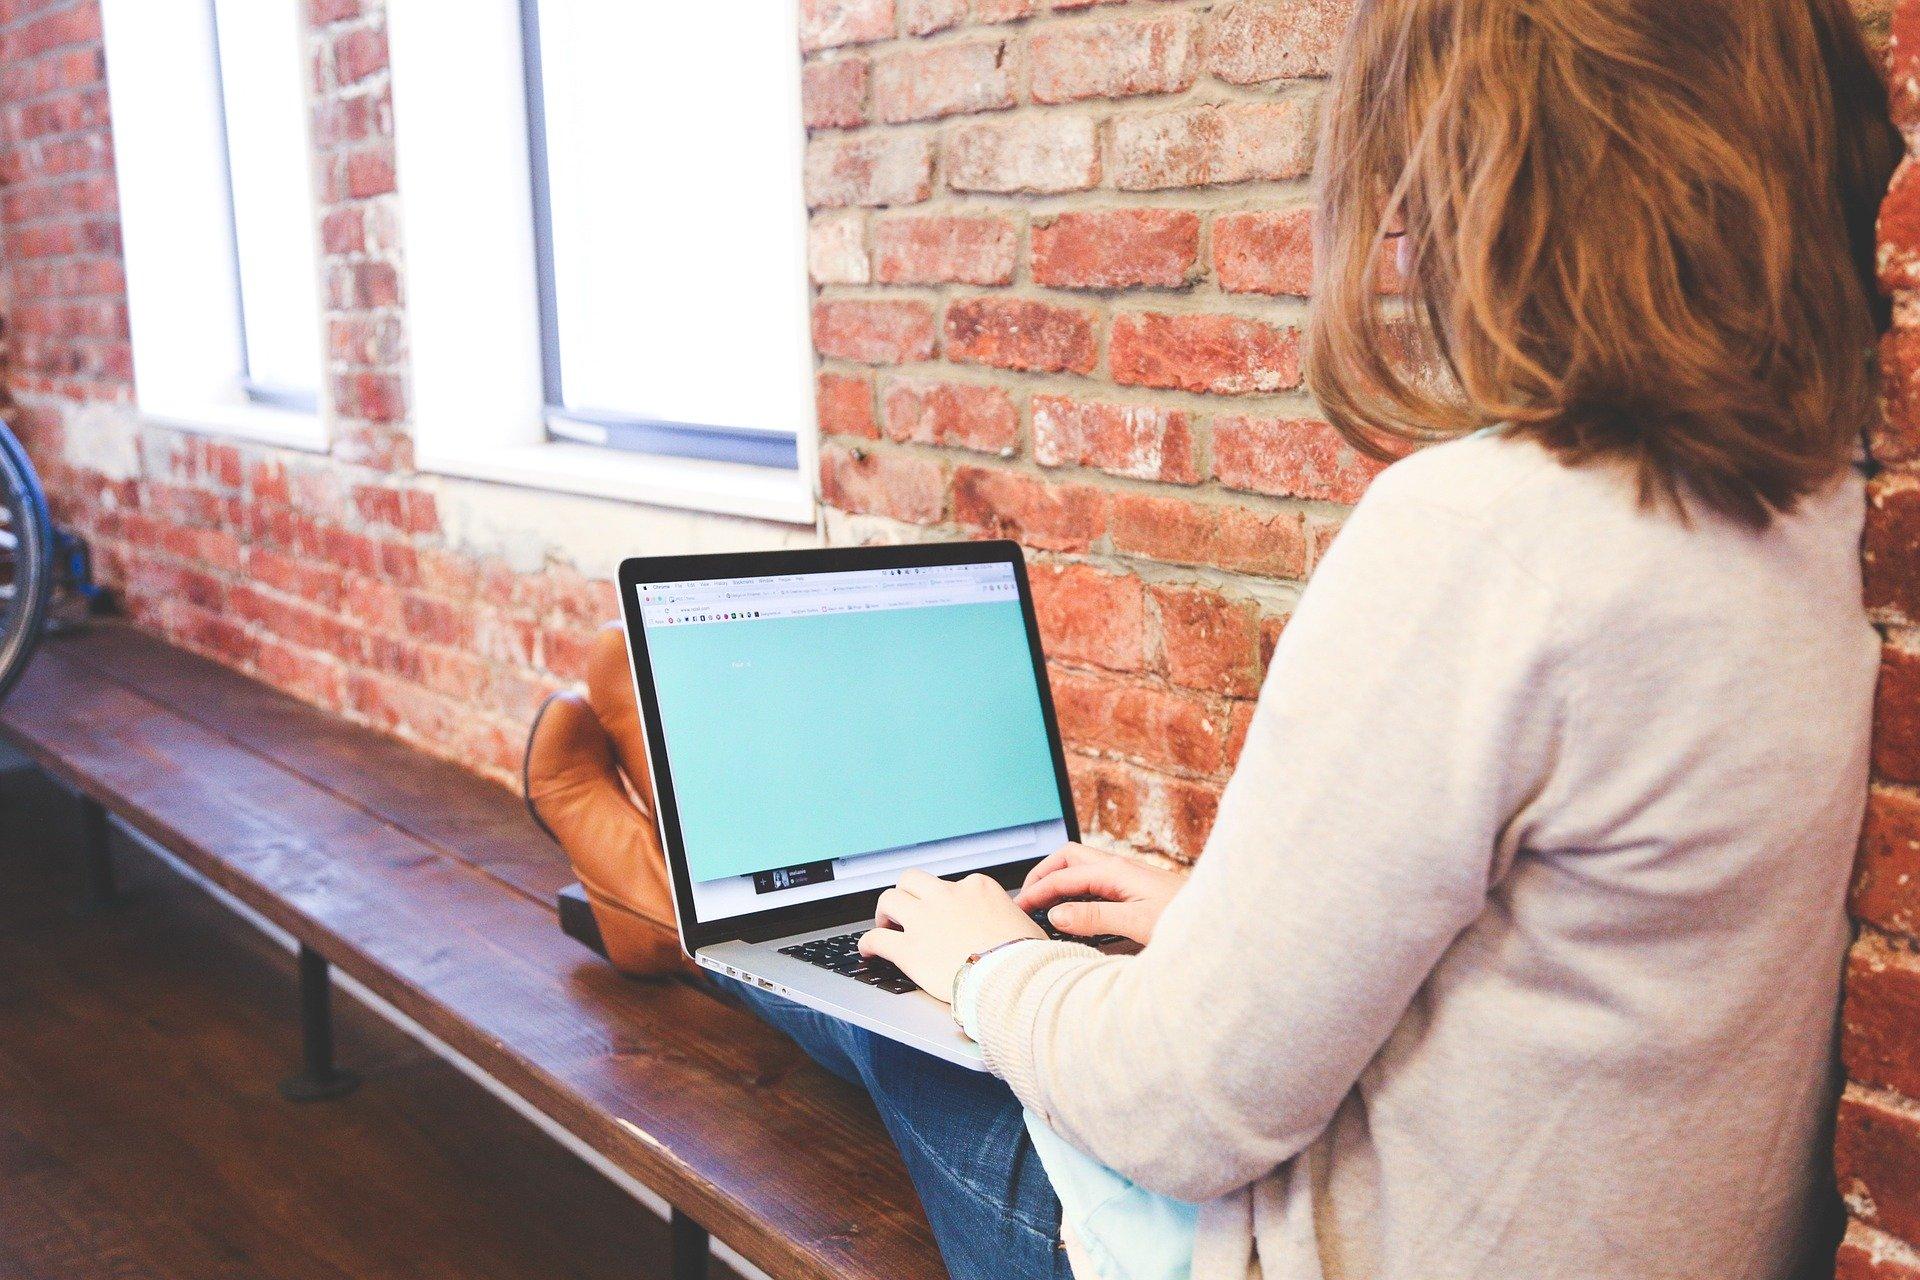 На изображении девушка сидит за ноутбуком и что-то печатает.